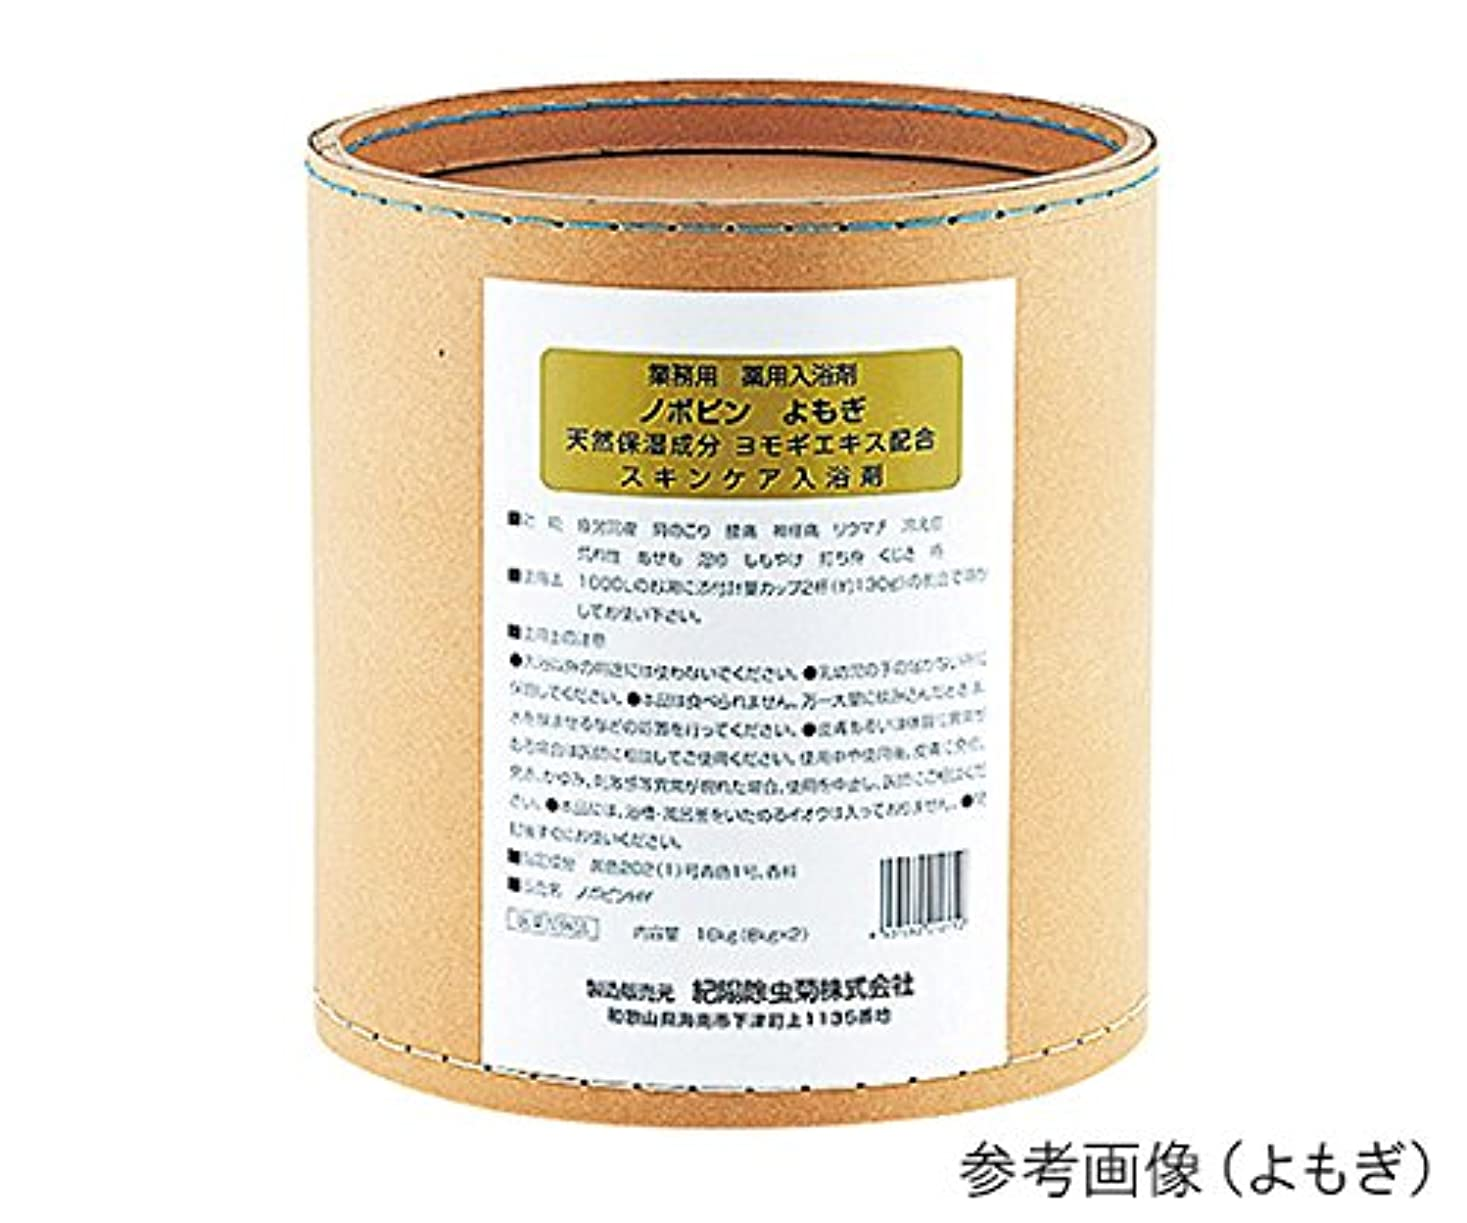 テレビ魔女金貸し紀陽除虫菊7-2541-03業務用薬用入浴剤(ノボピン)カミツレ(8kg×2個入)